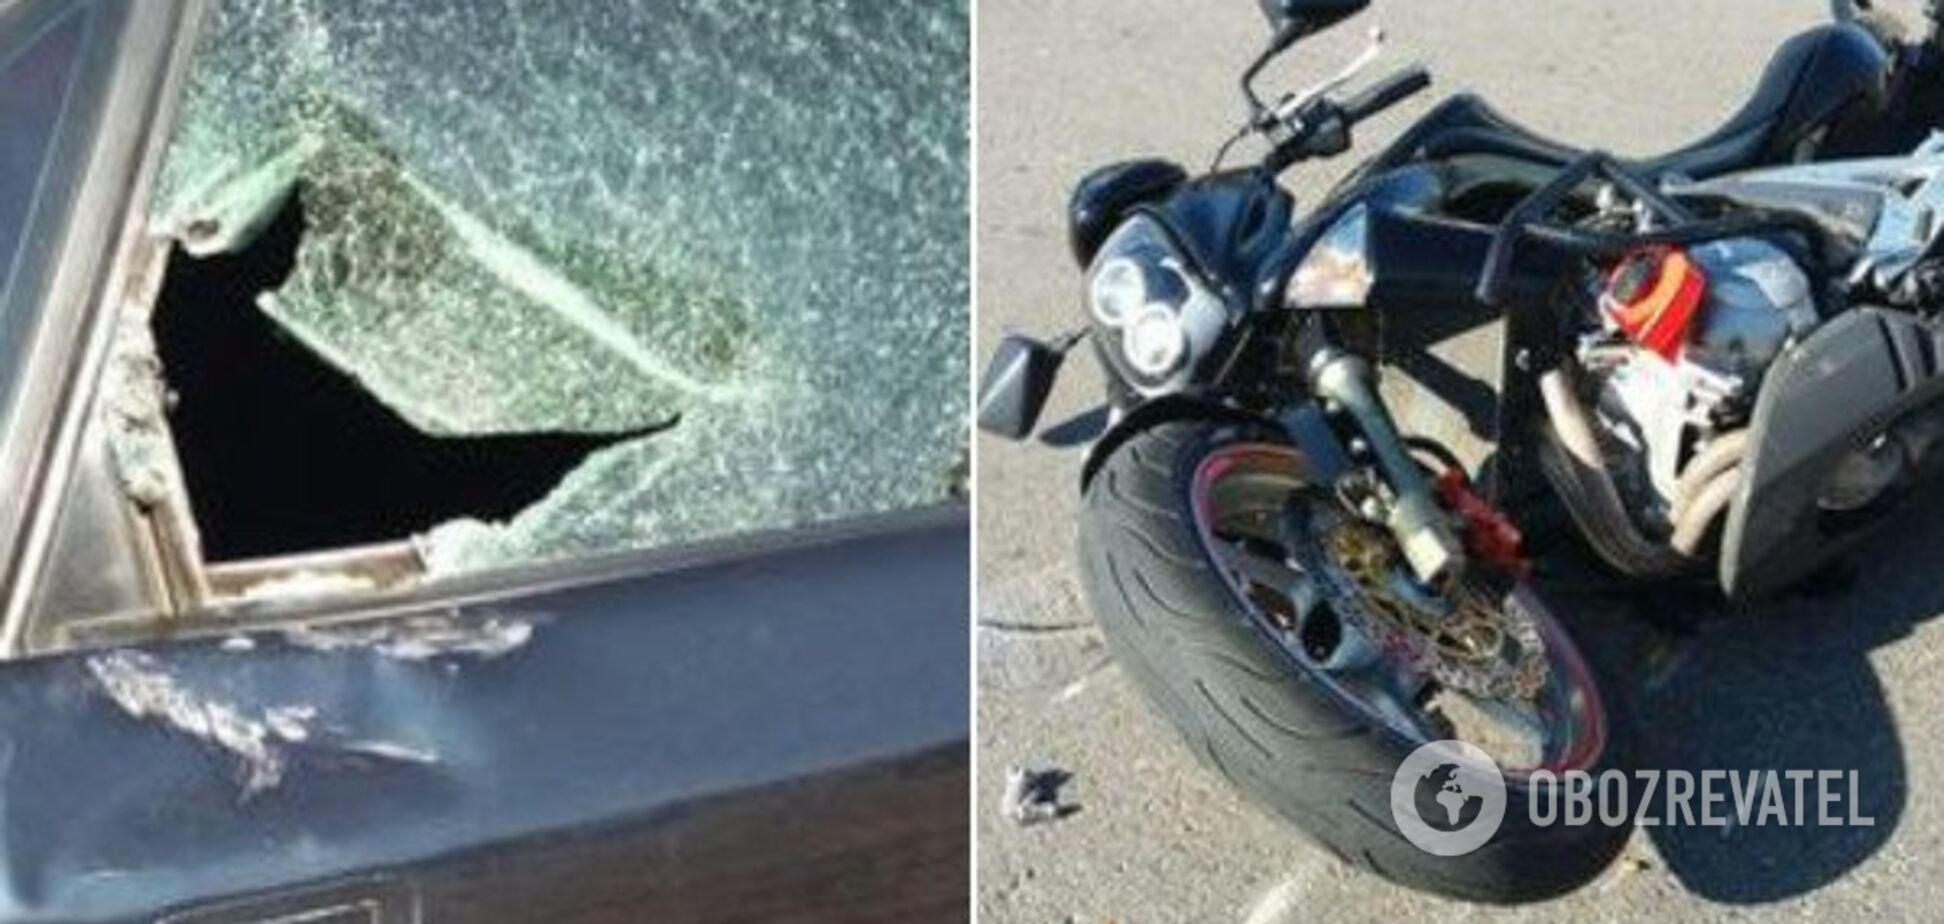 Пробил окно головой: в Кривом Роге произошло жуткое ДТП с пострадавшими